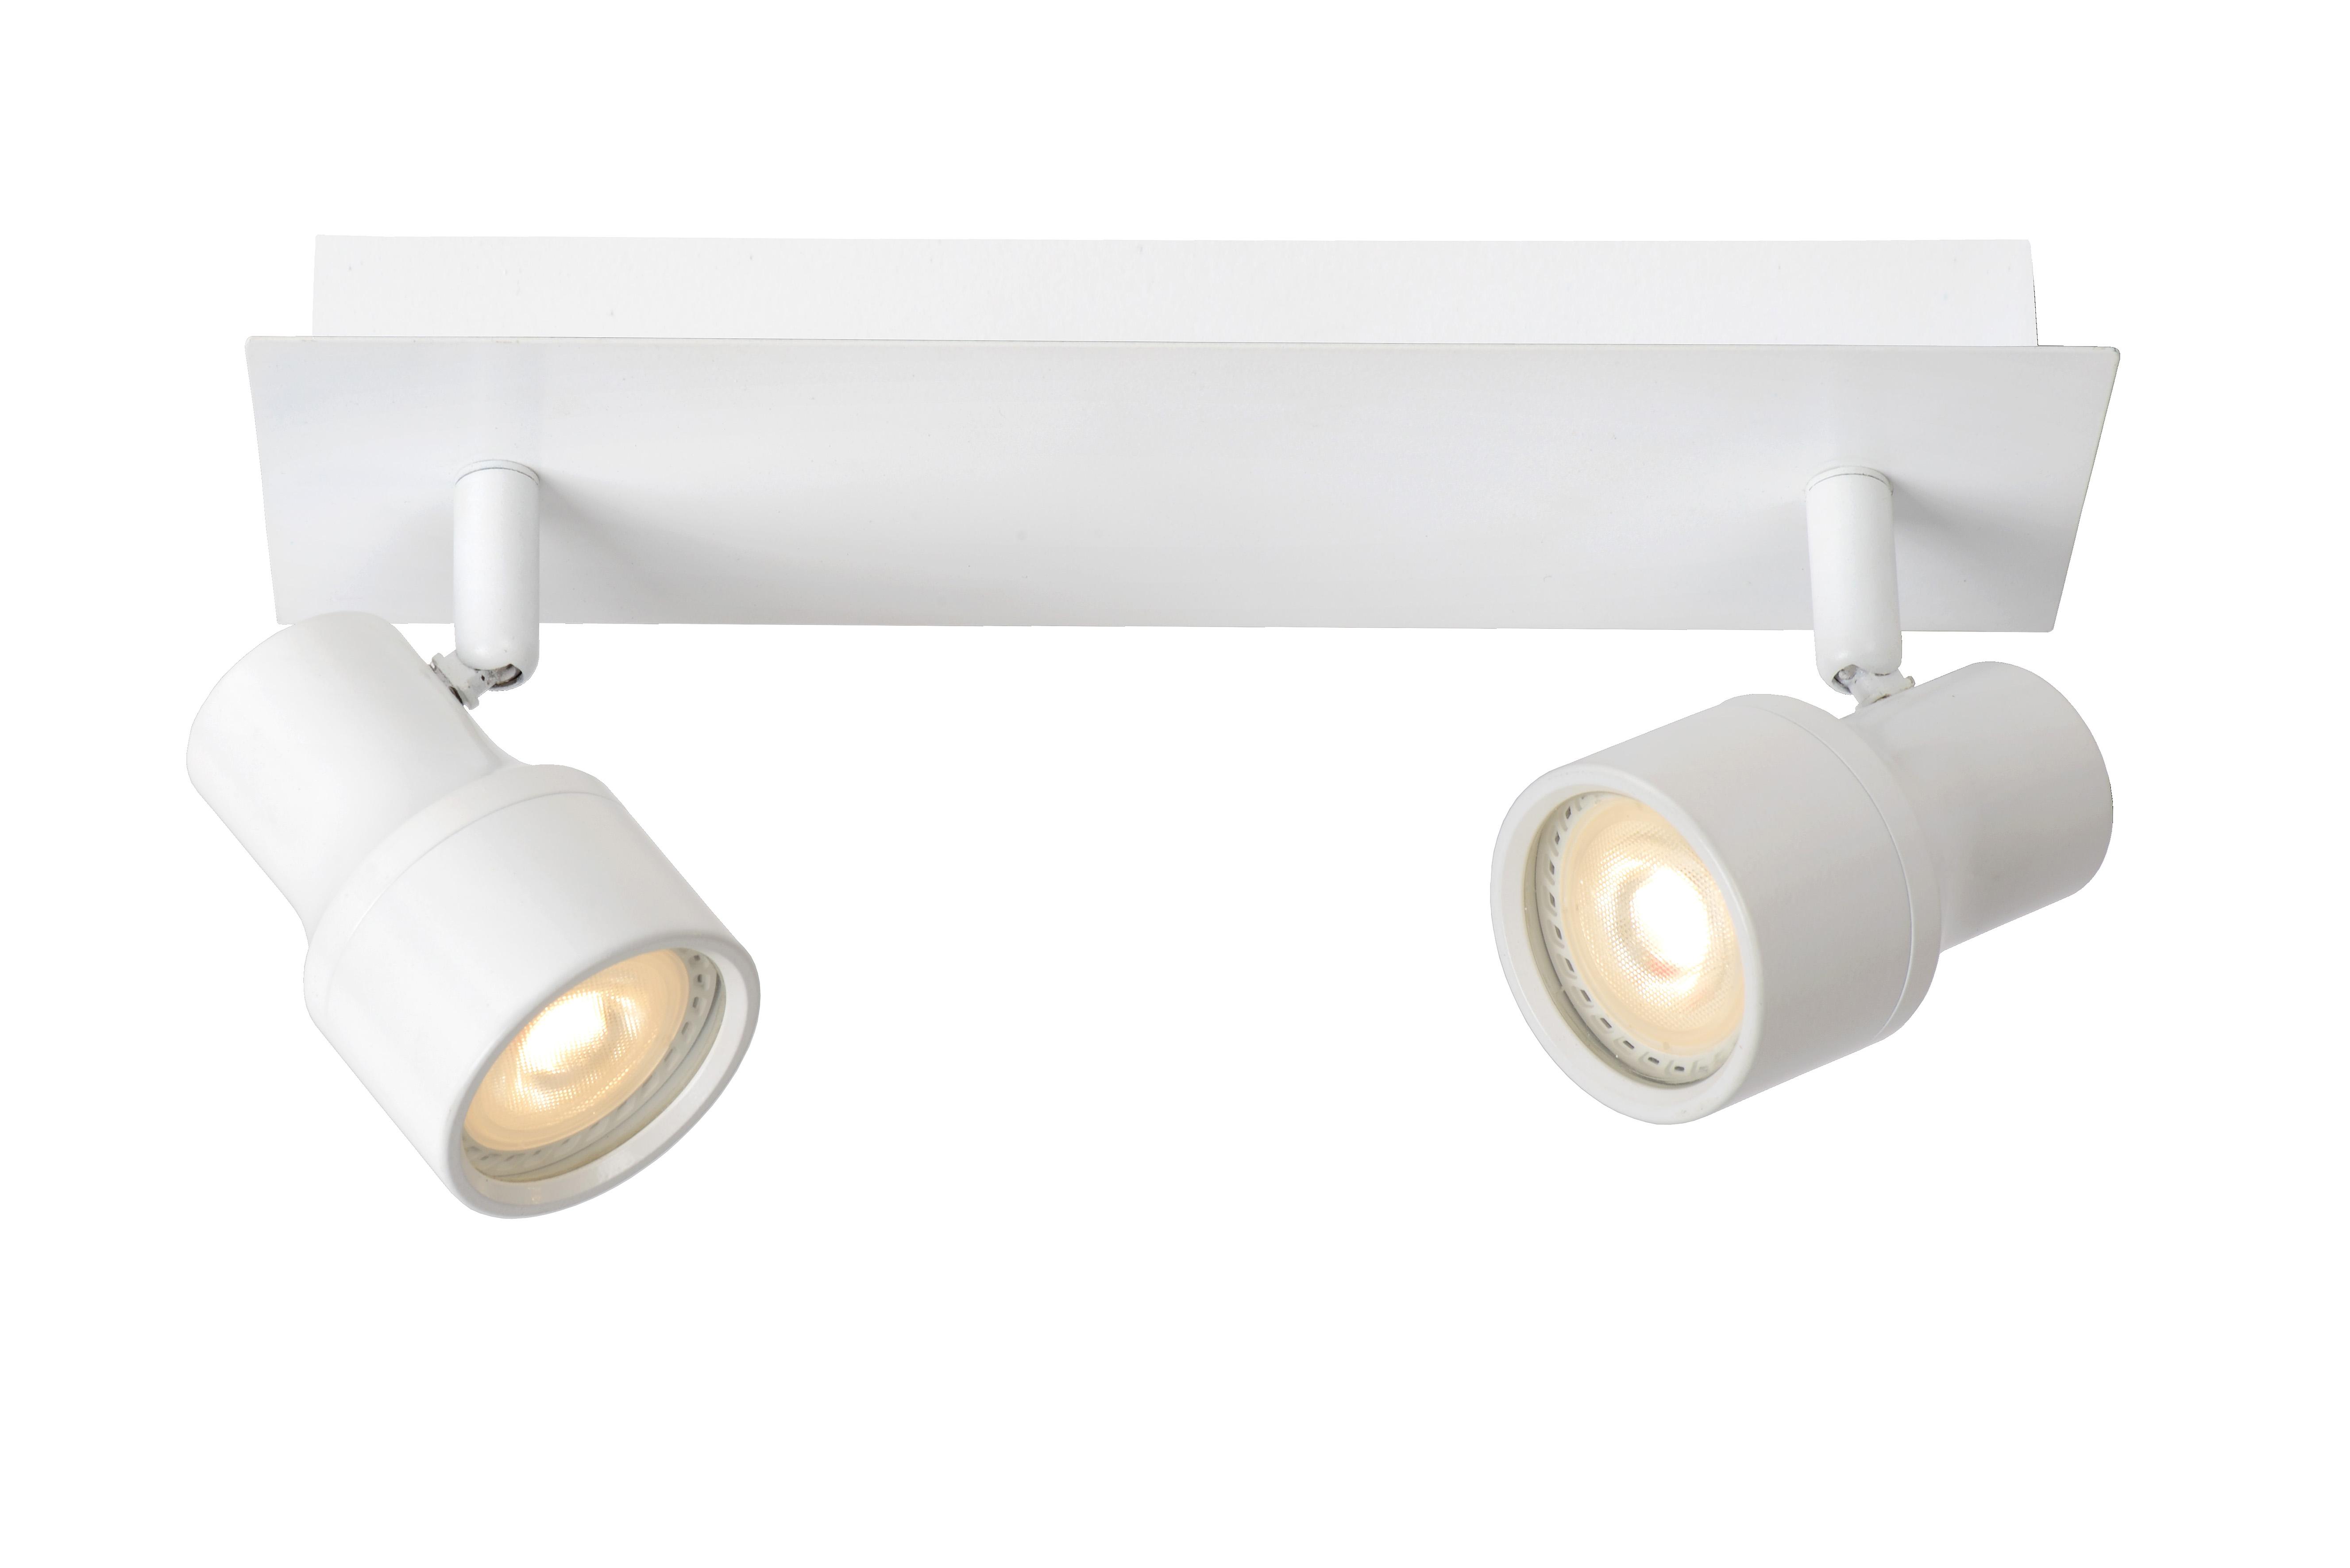 SIRENE-LED - Deckenstrahler Badezimmer - Ø 11 cm - LED Dim. - GU11